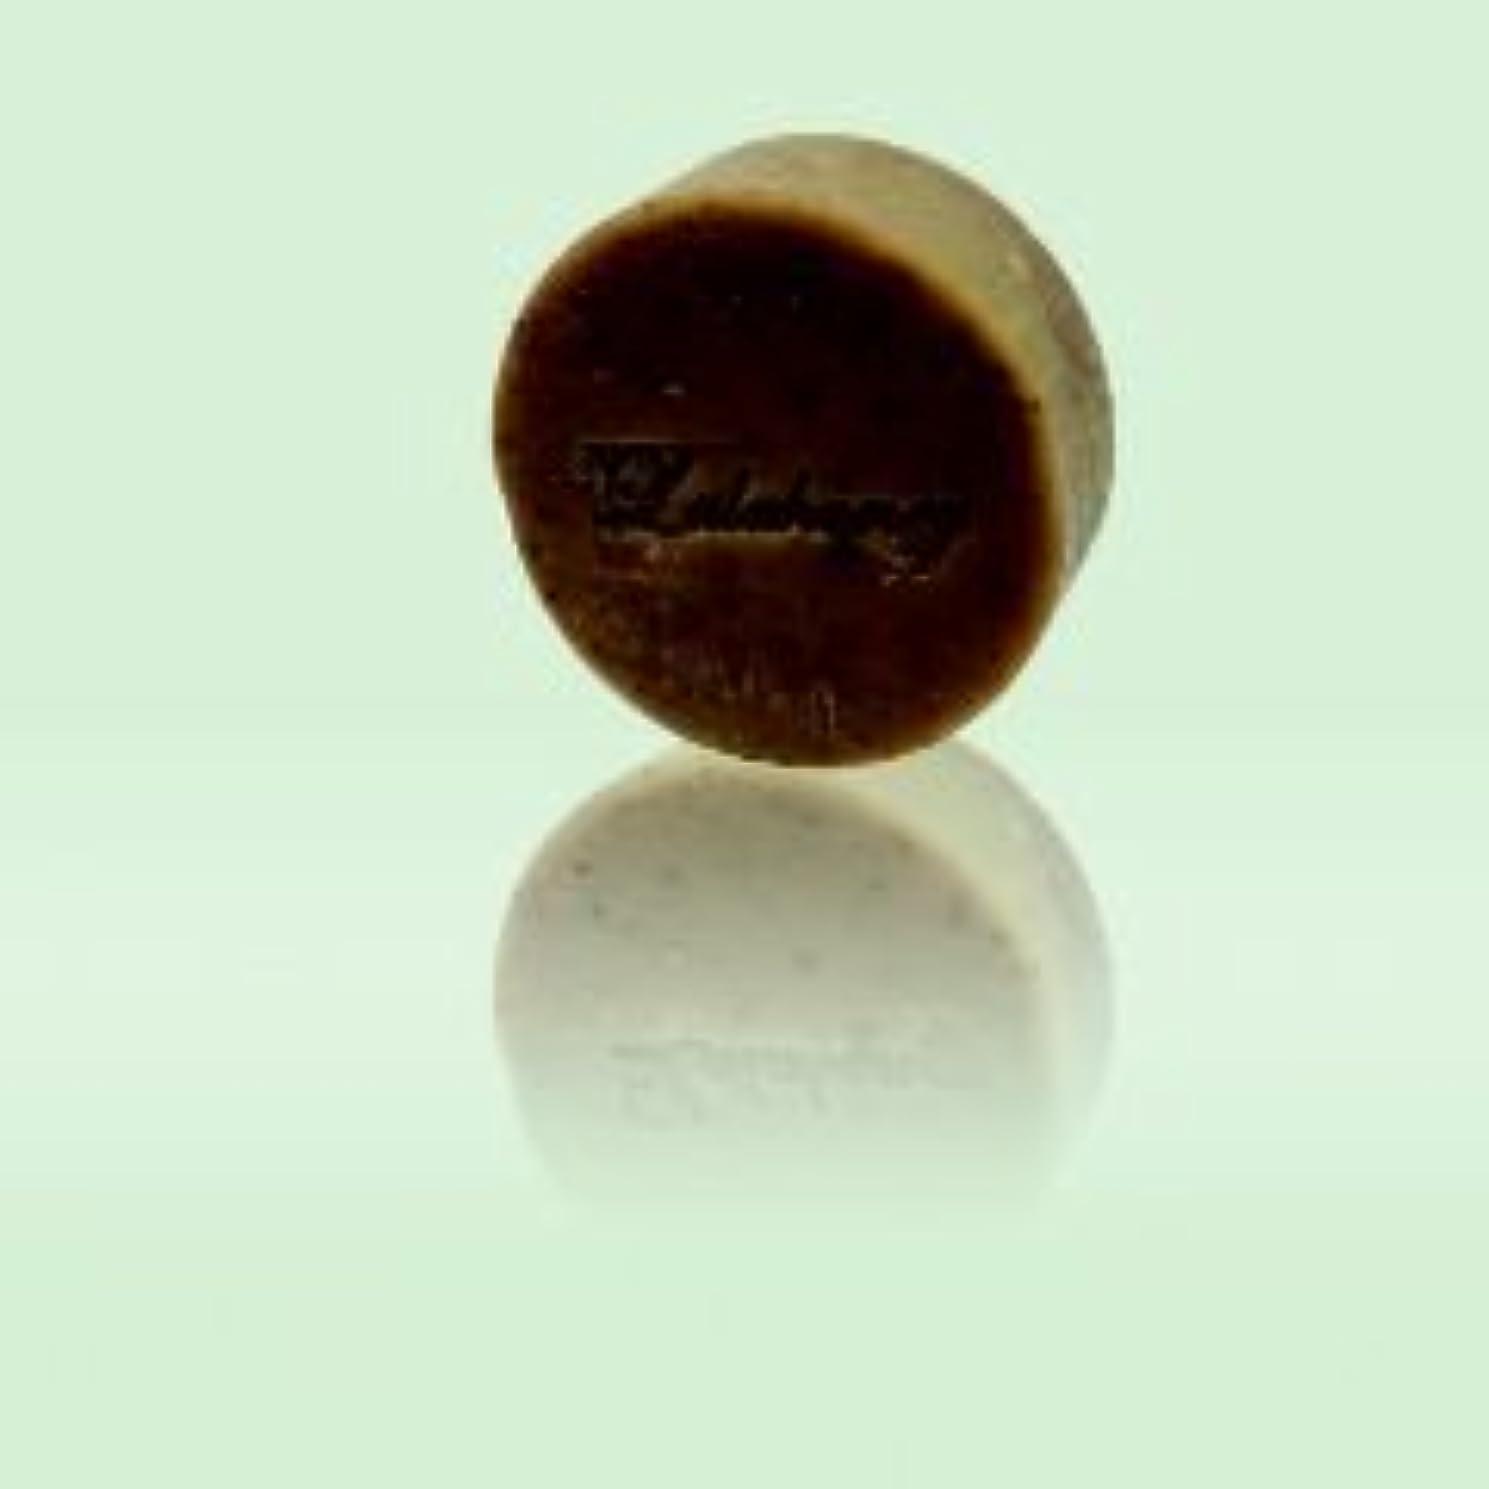 情熱的急流発掘するLALAHONEY 石鹸〈チョコレート&オレンジ〉80g【手作りでシンプルなコールドプロセス製法】